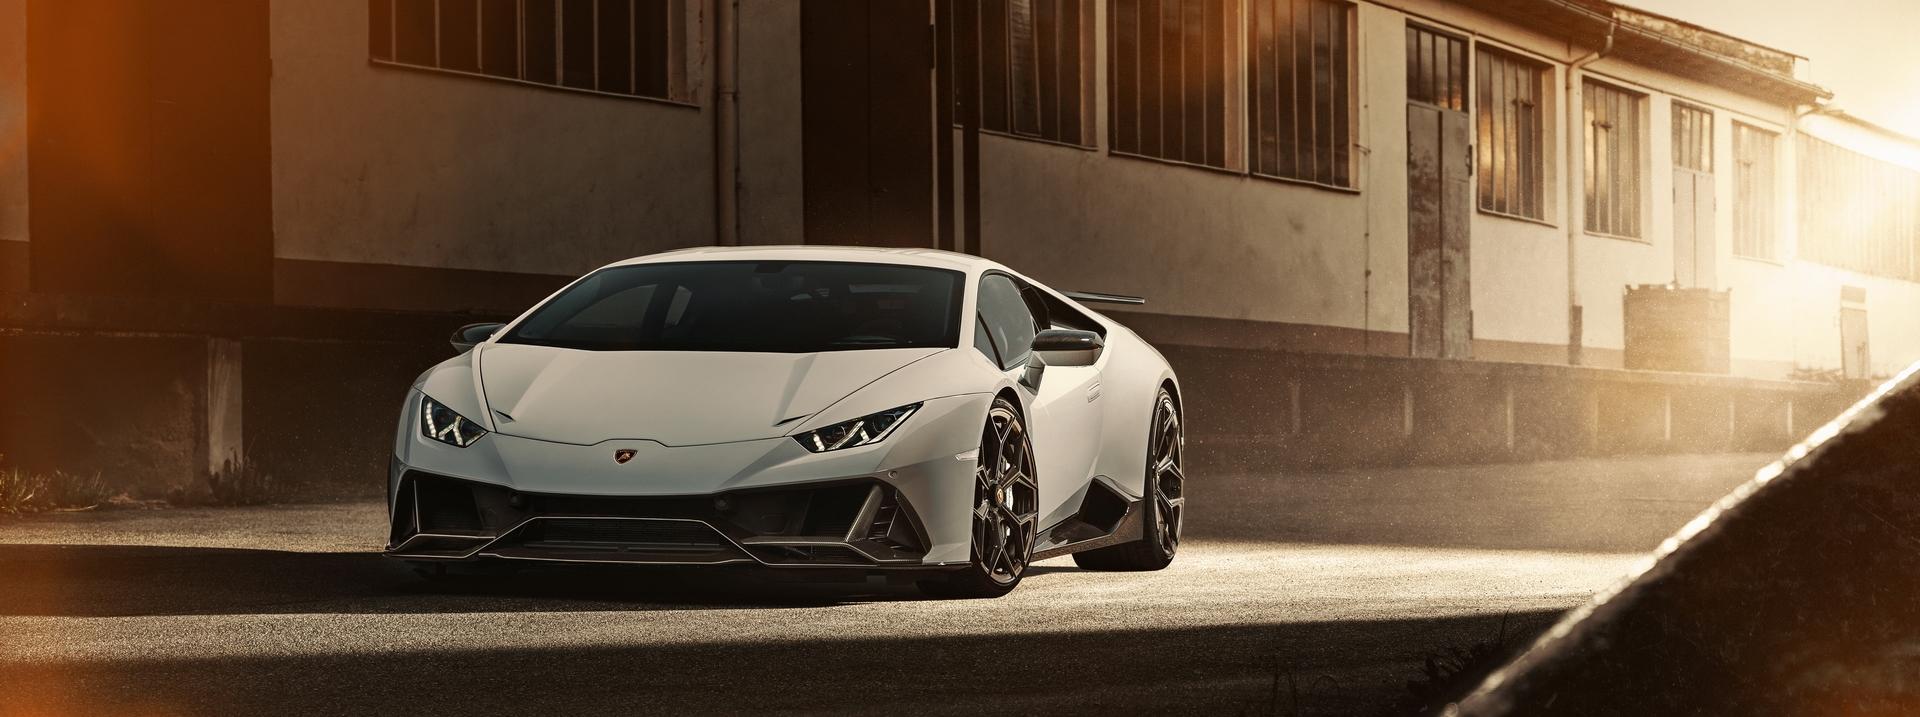 Lamborghini Huracan Evo Novitec